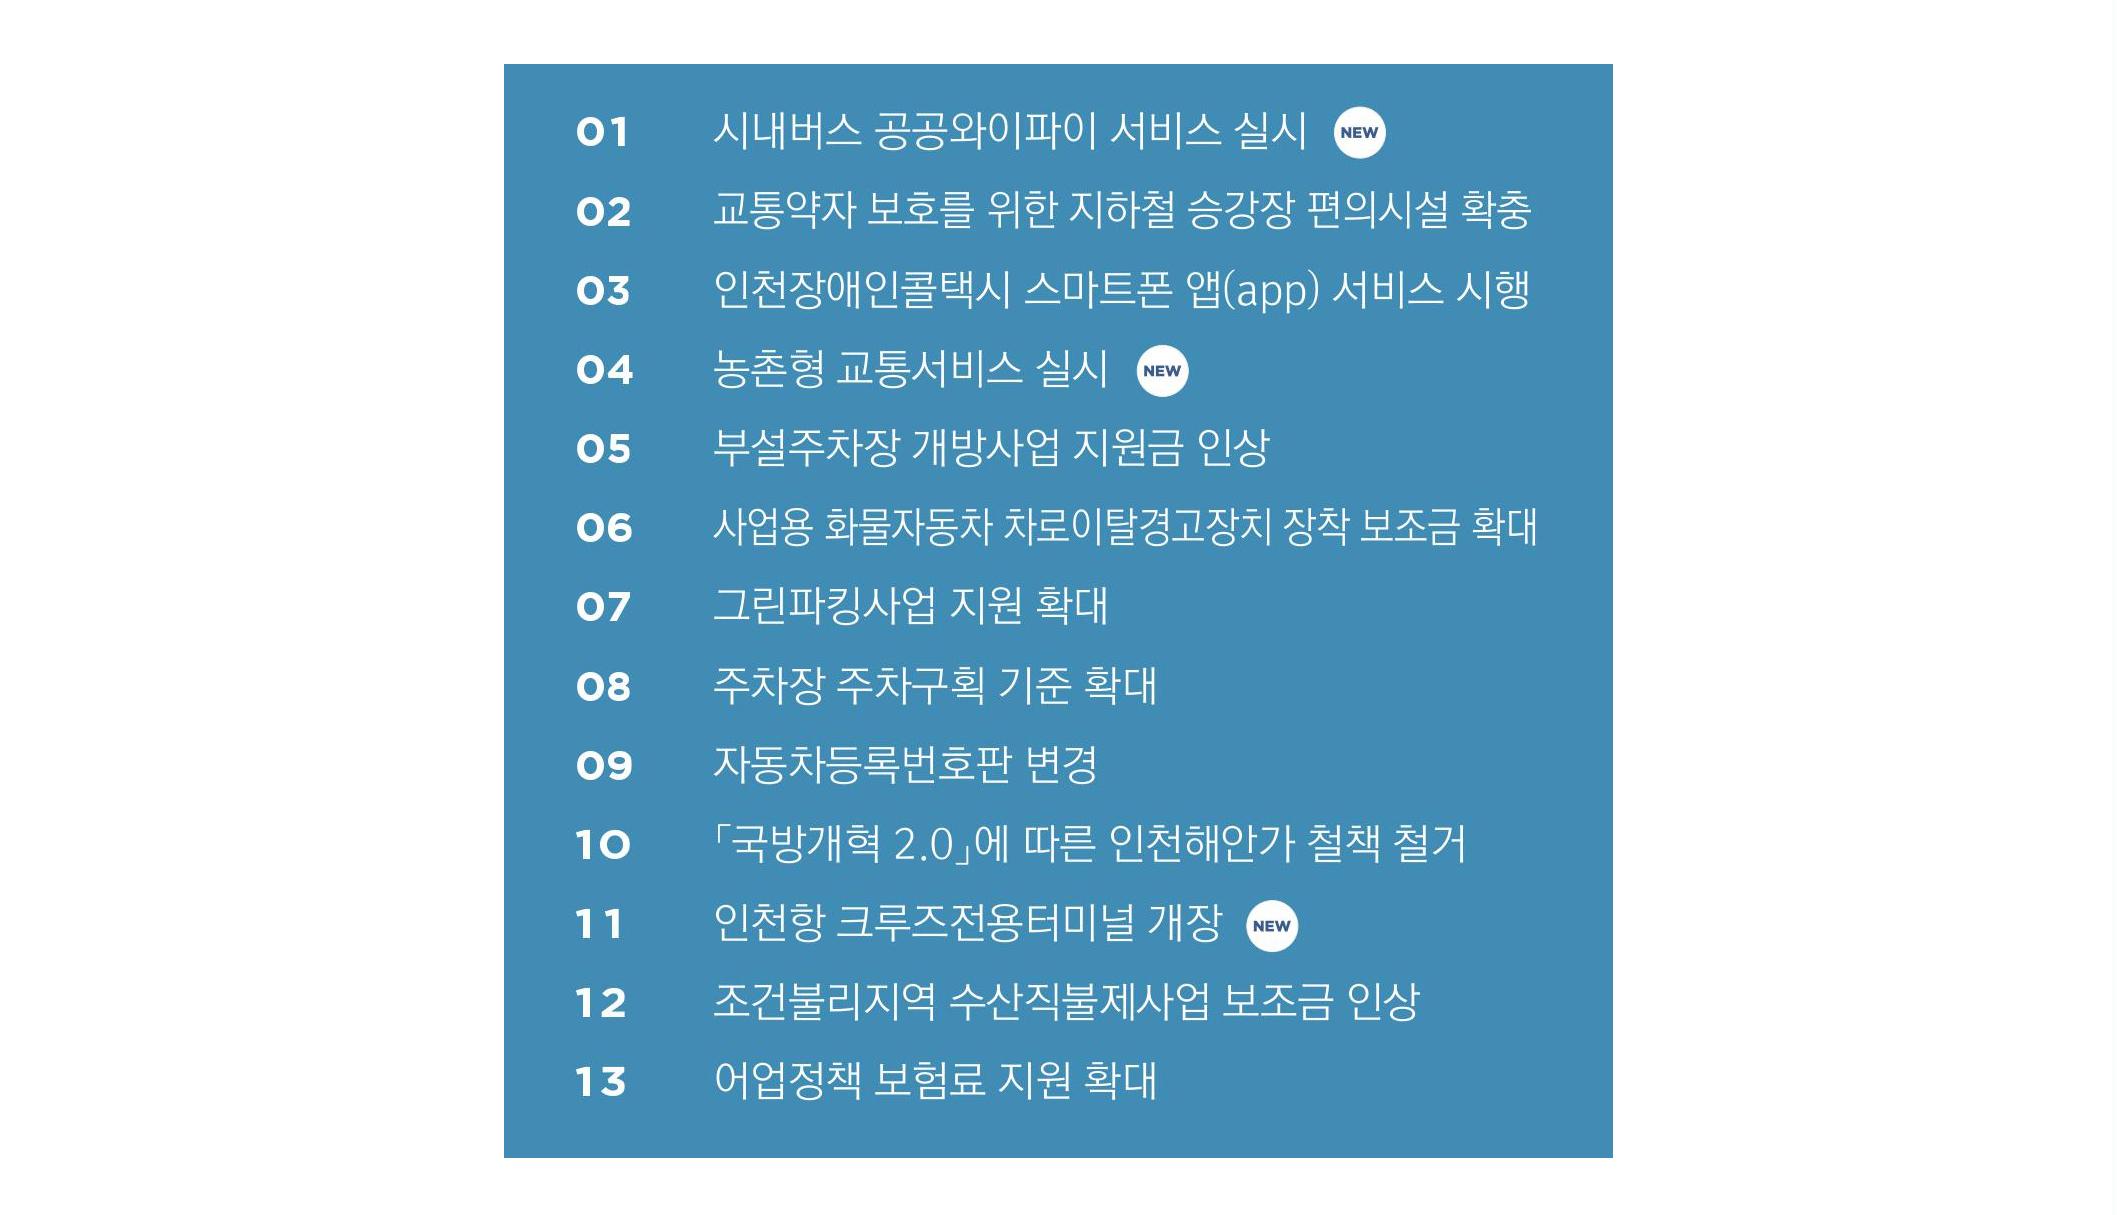 2019년 인천 교통 해양 수산 달라지는 것들